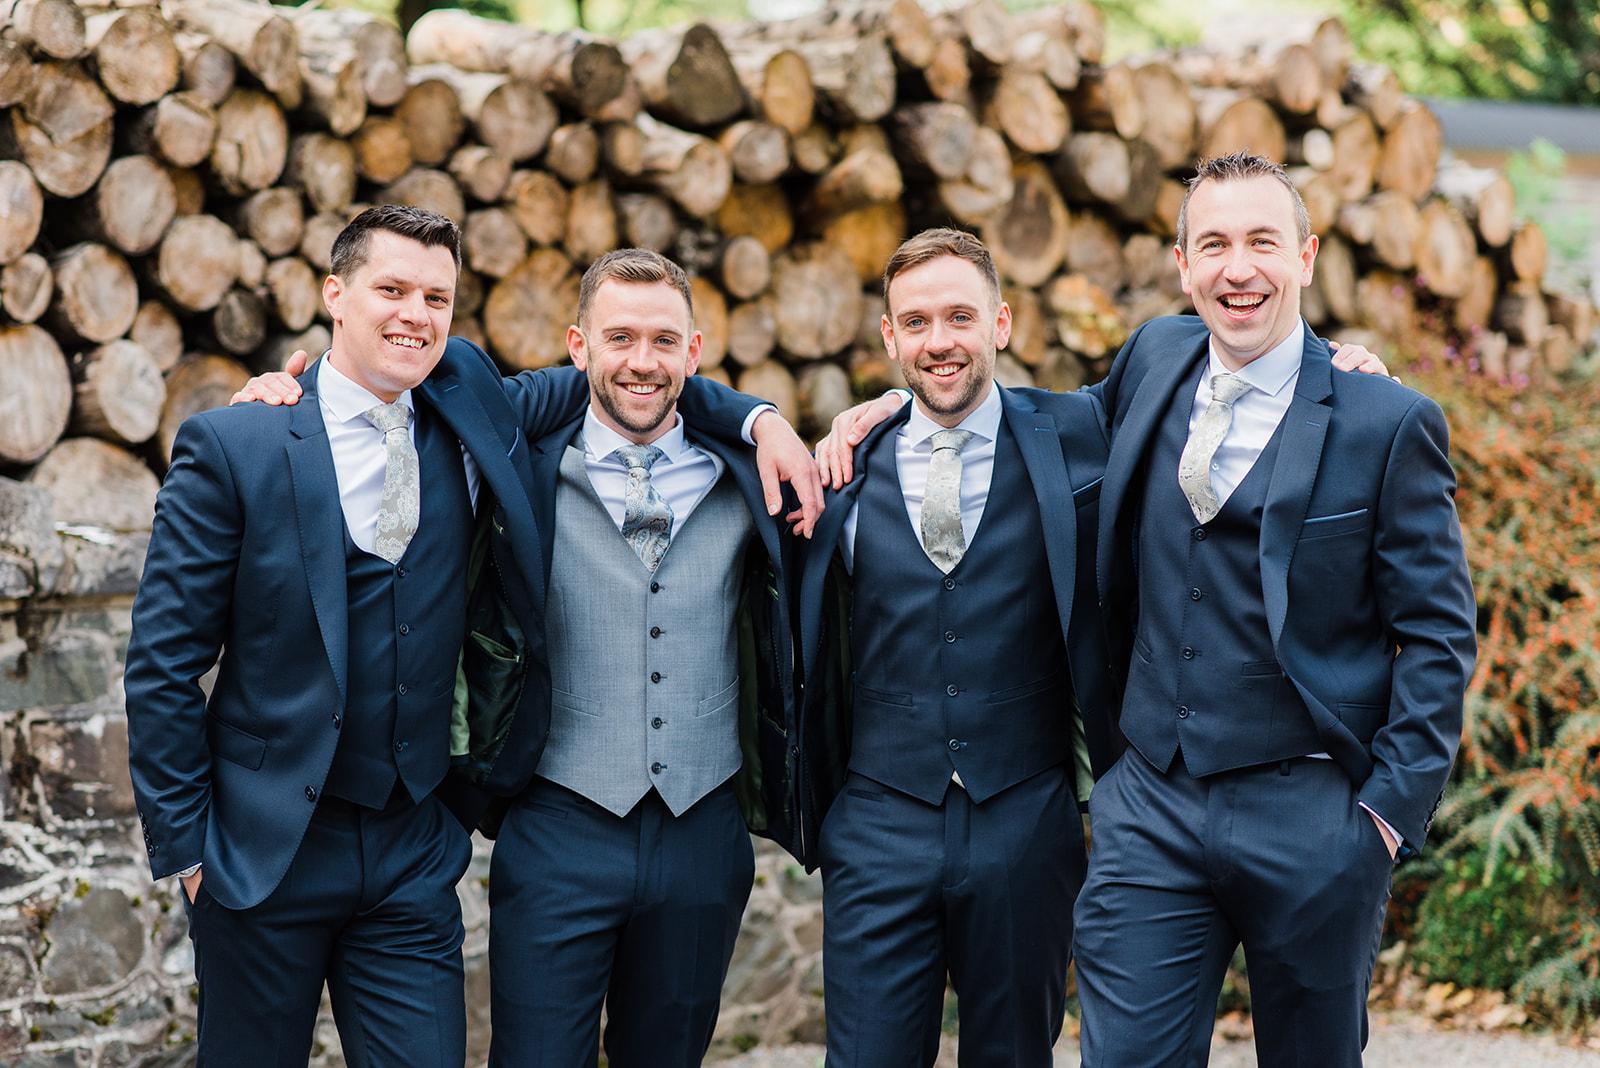 Groom with groomsmen at Virginia Park Lodge